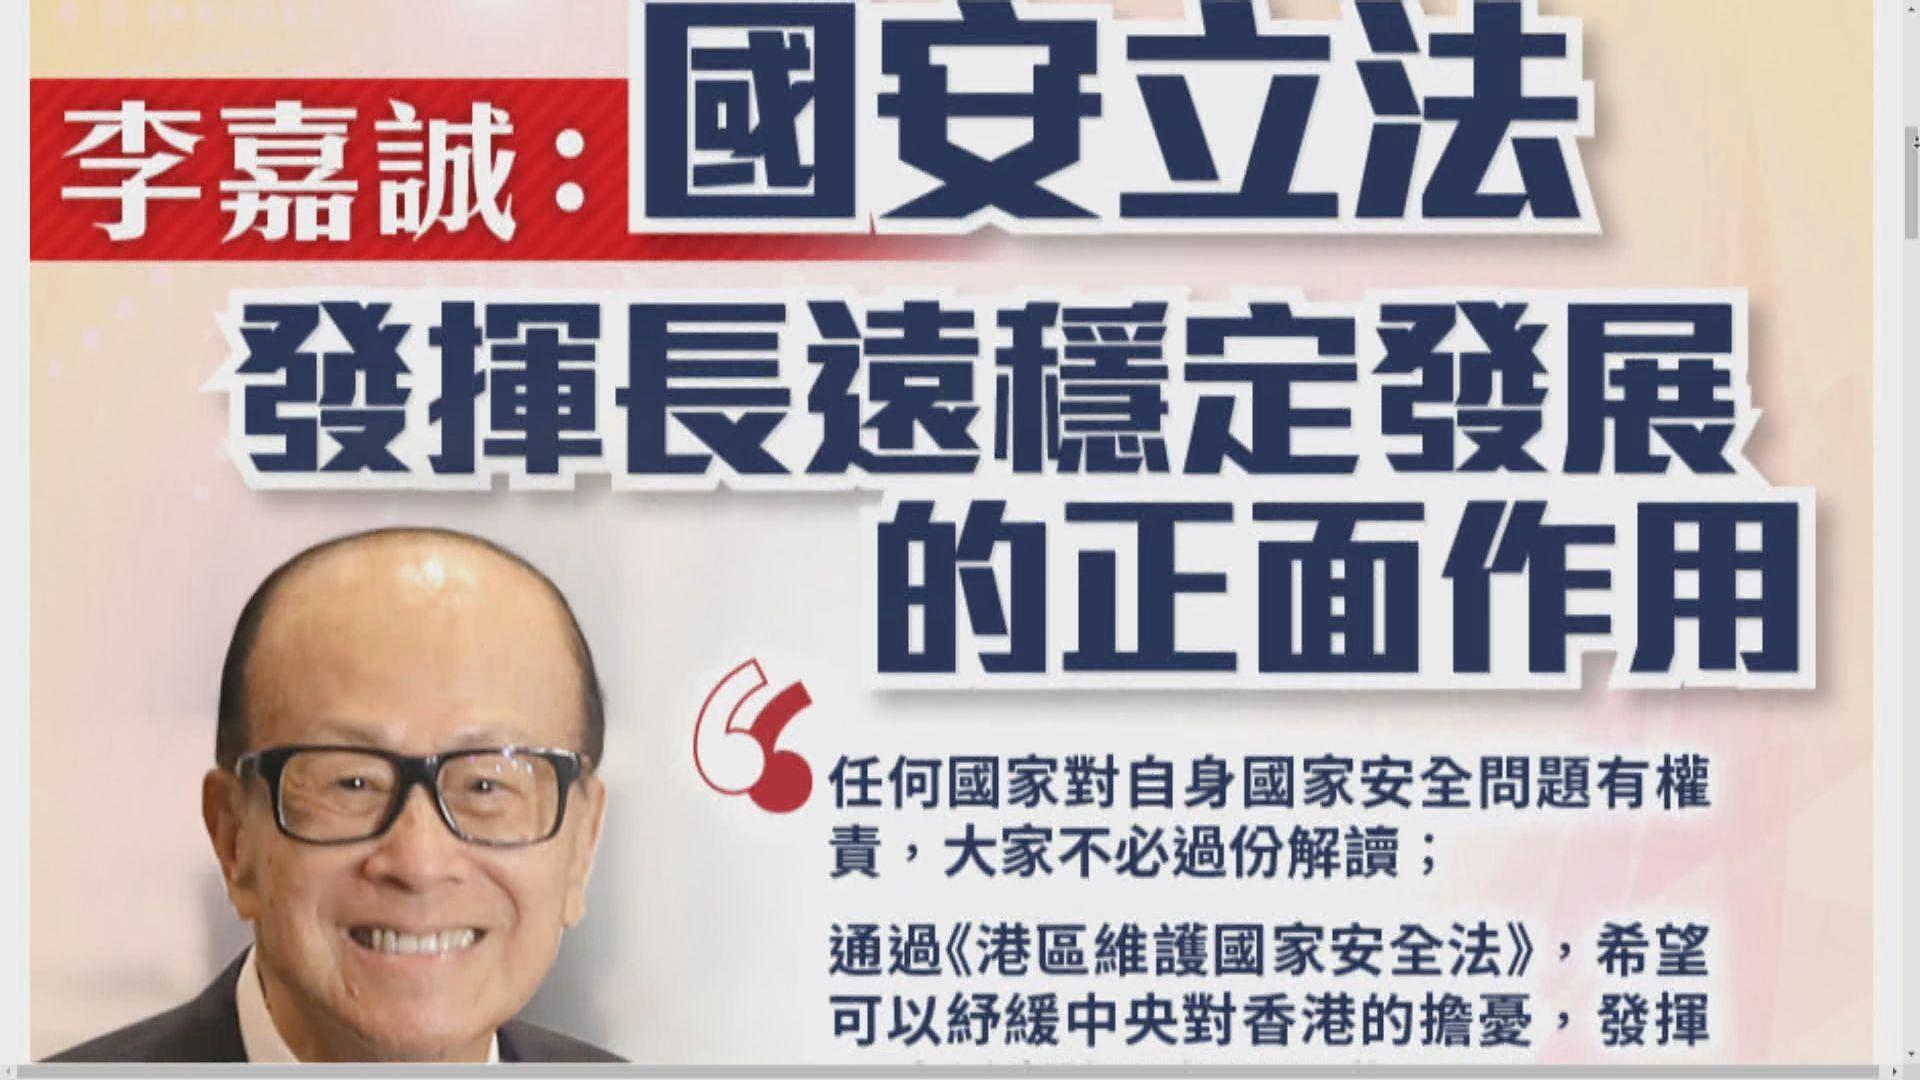 【港區國安法】李嘉誠:期望發揮長遠穩定發展正面作用